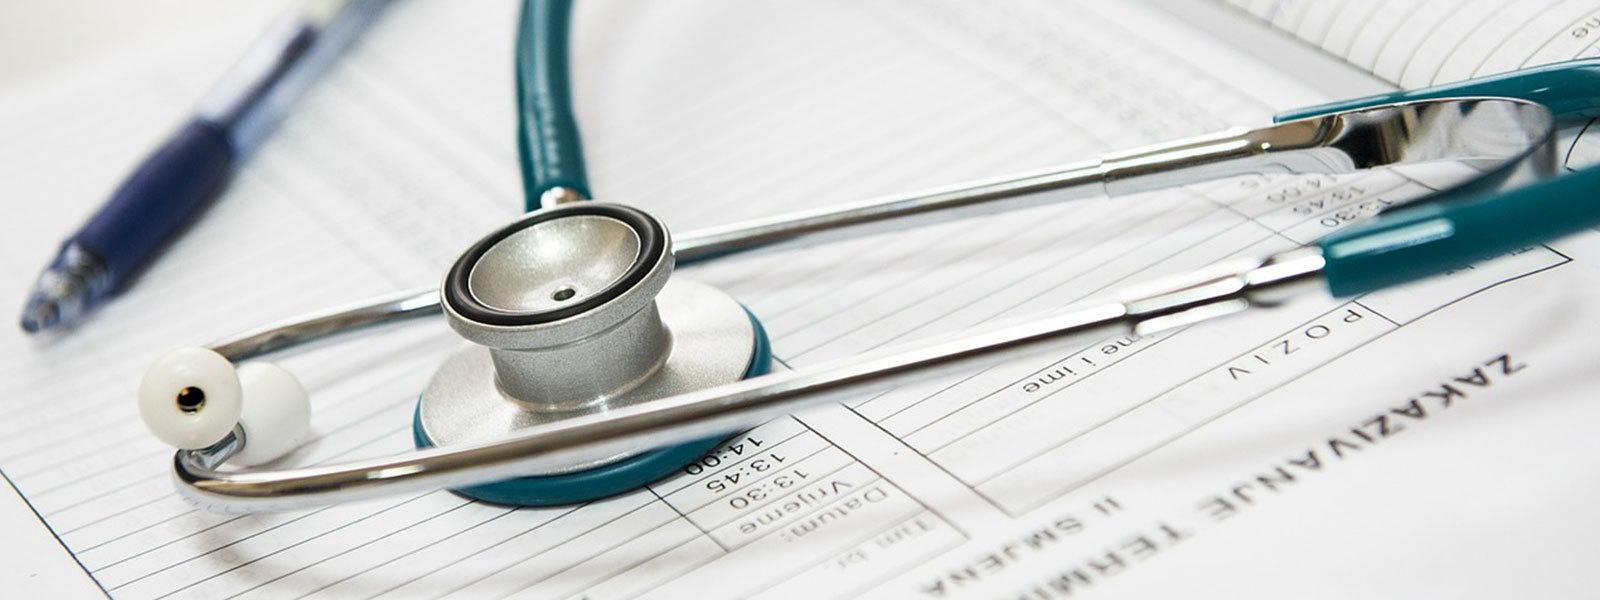 Stetoscopio su quaderno professionale